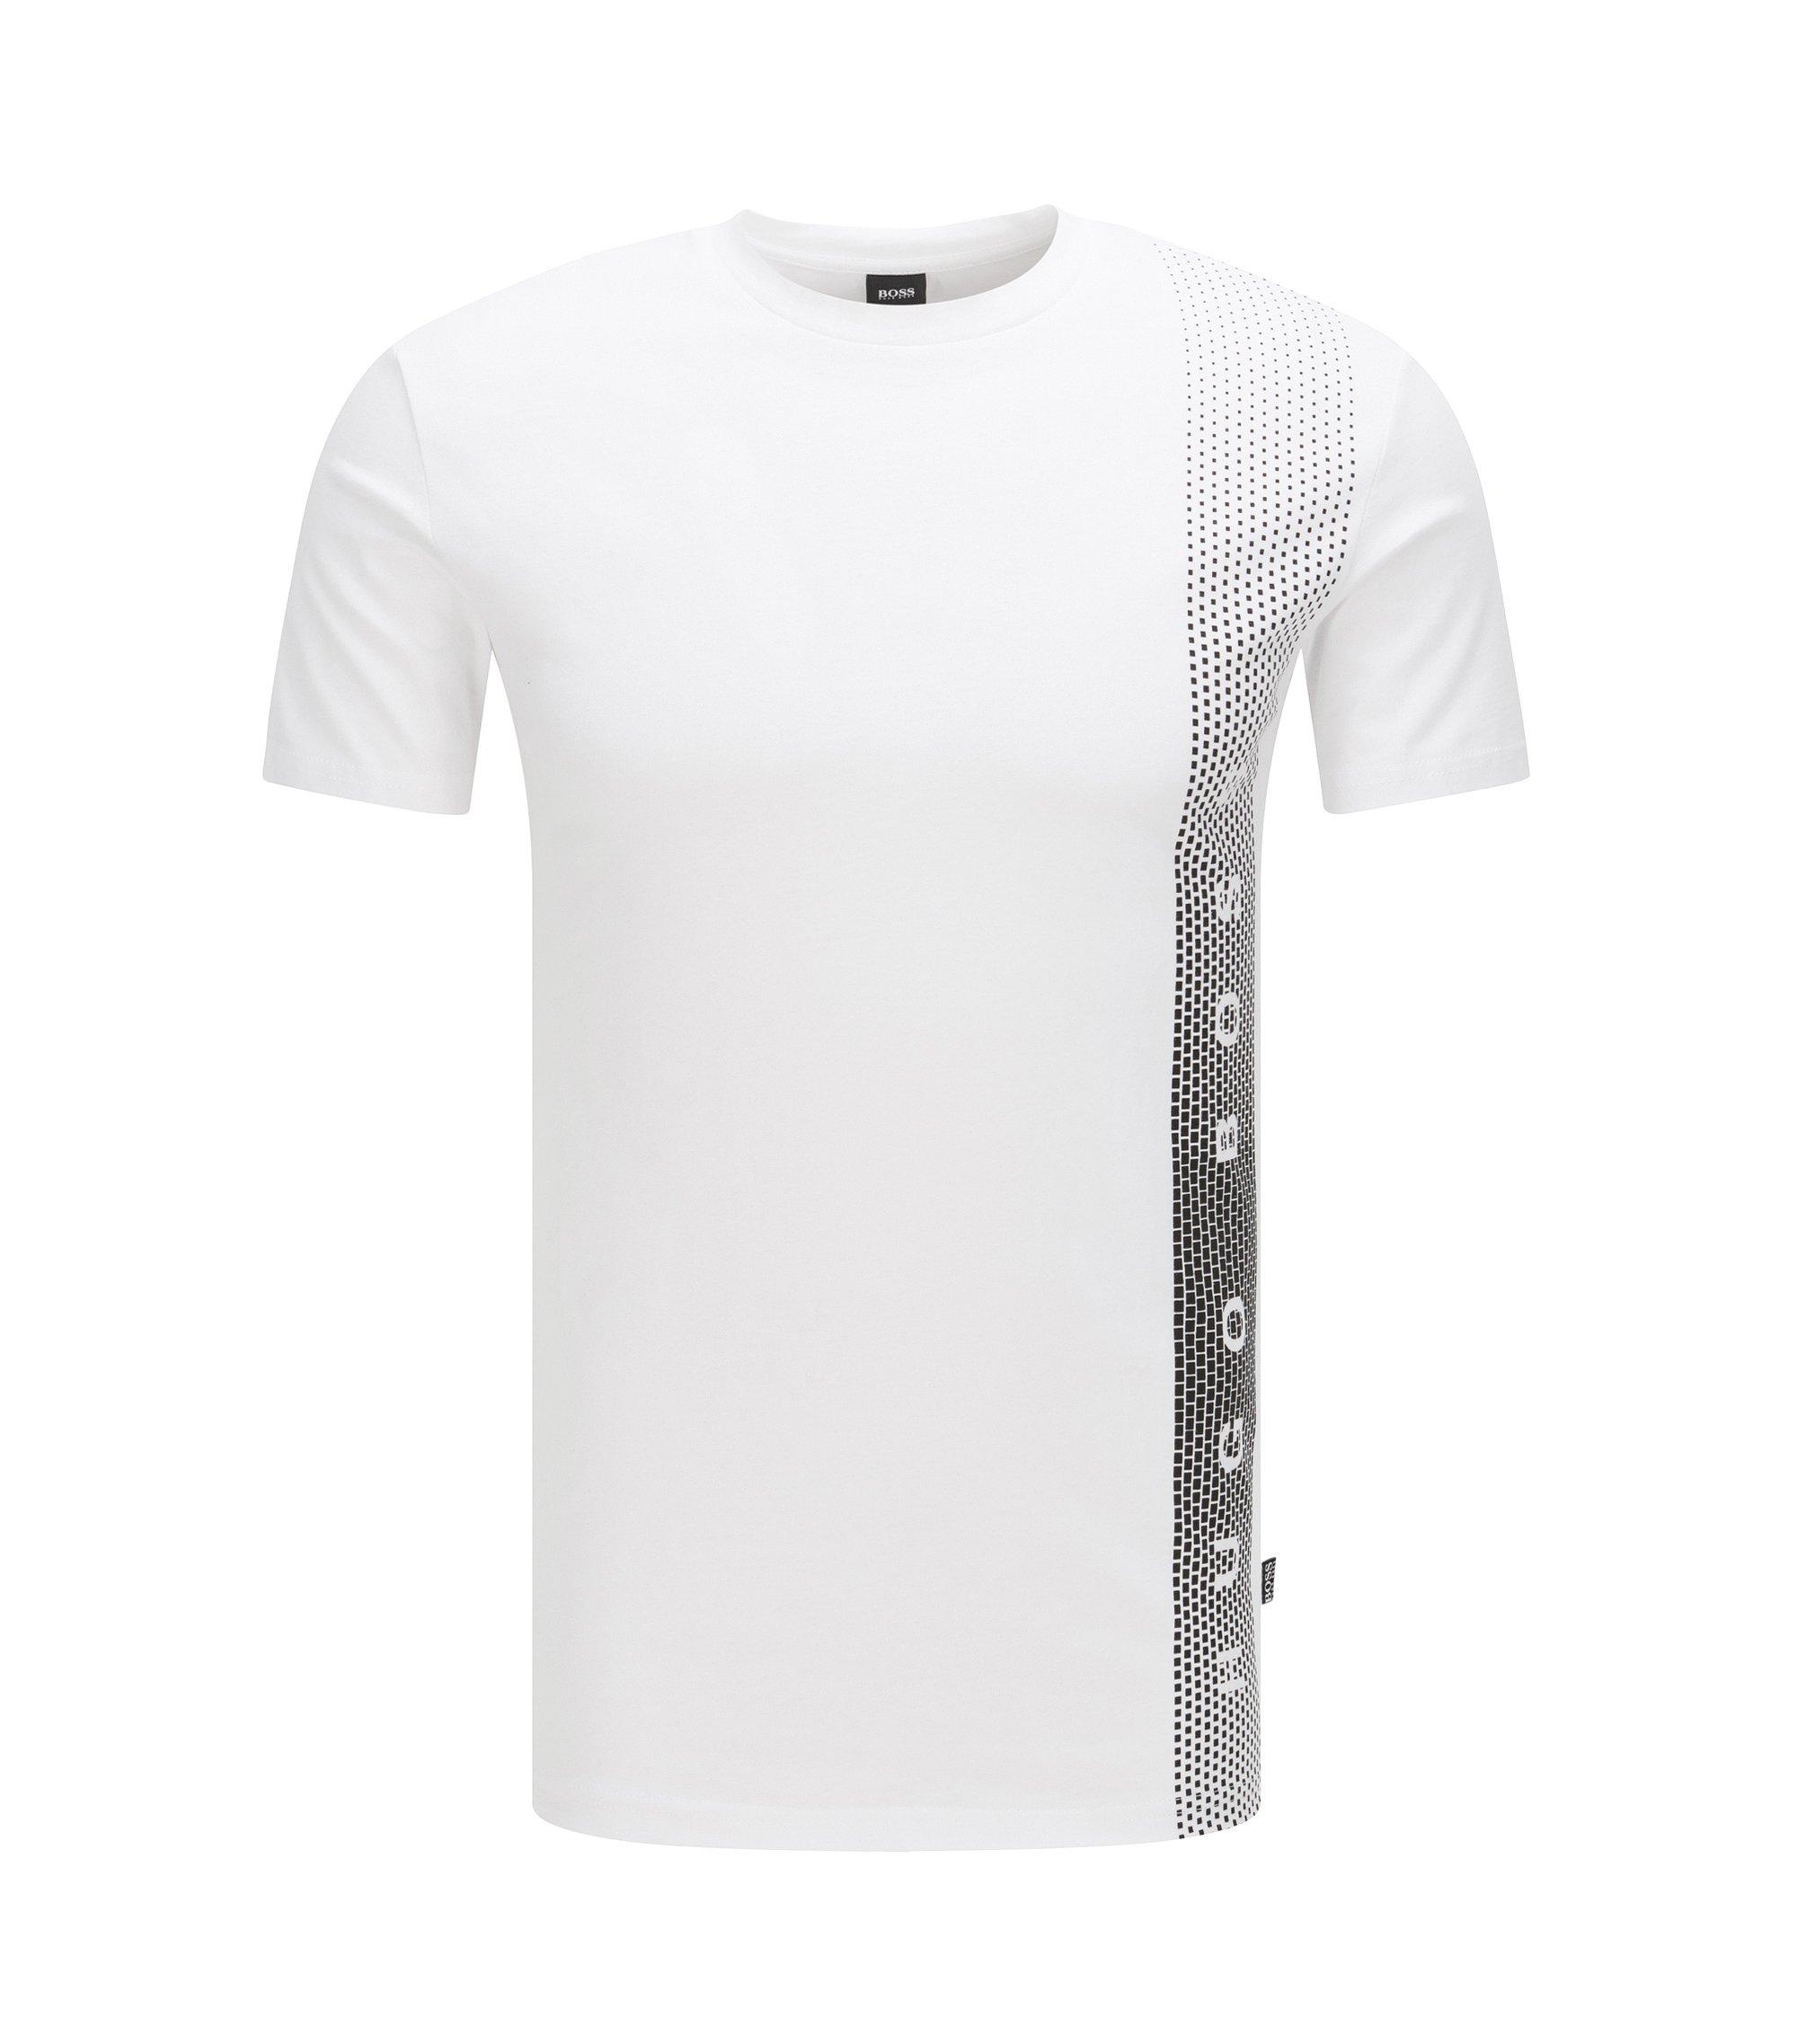 Camiseta slim fit en algodón con protección UV, Blanco